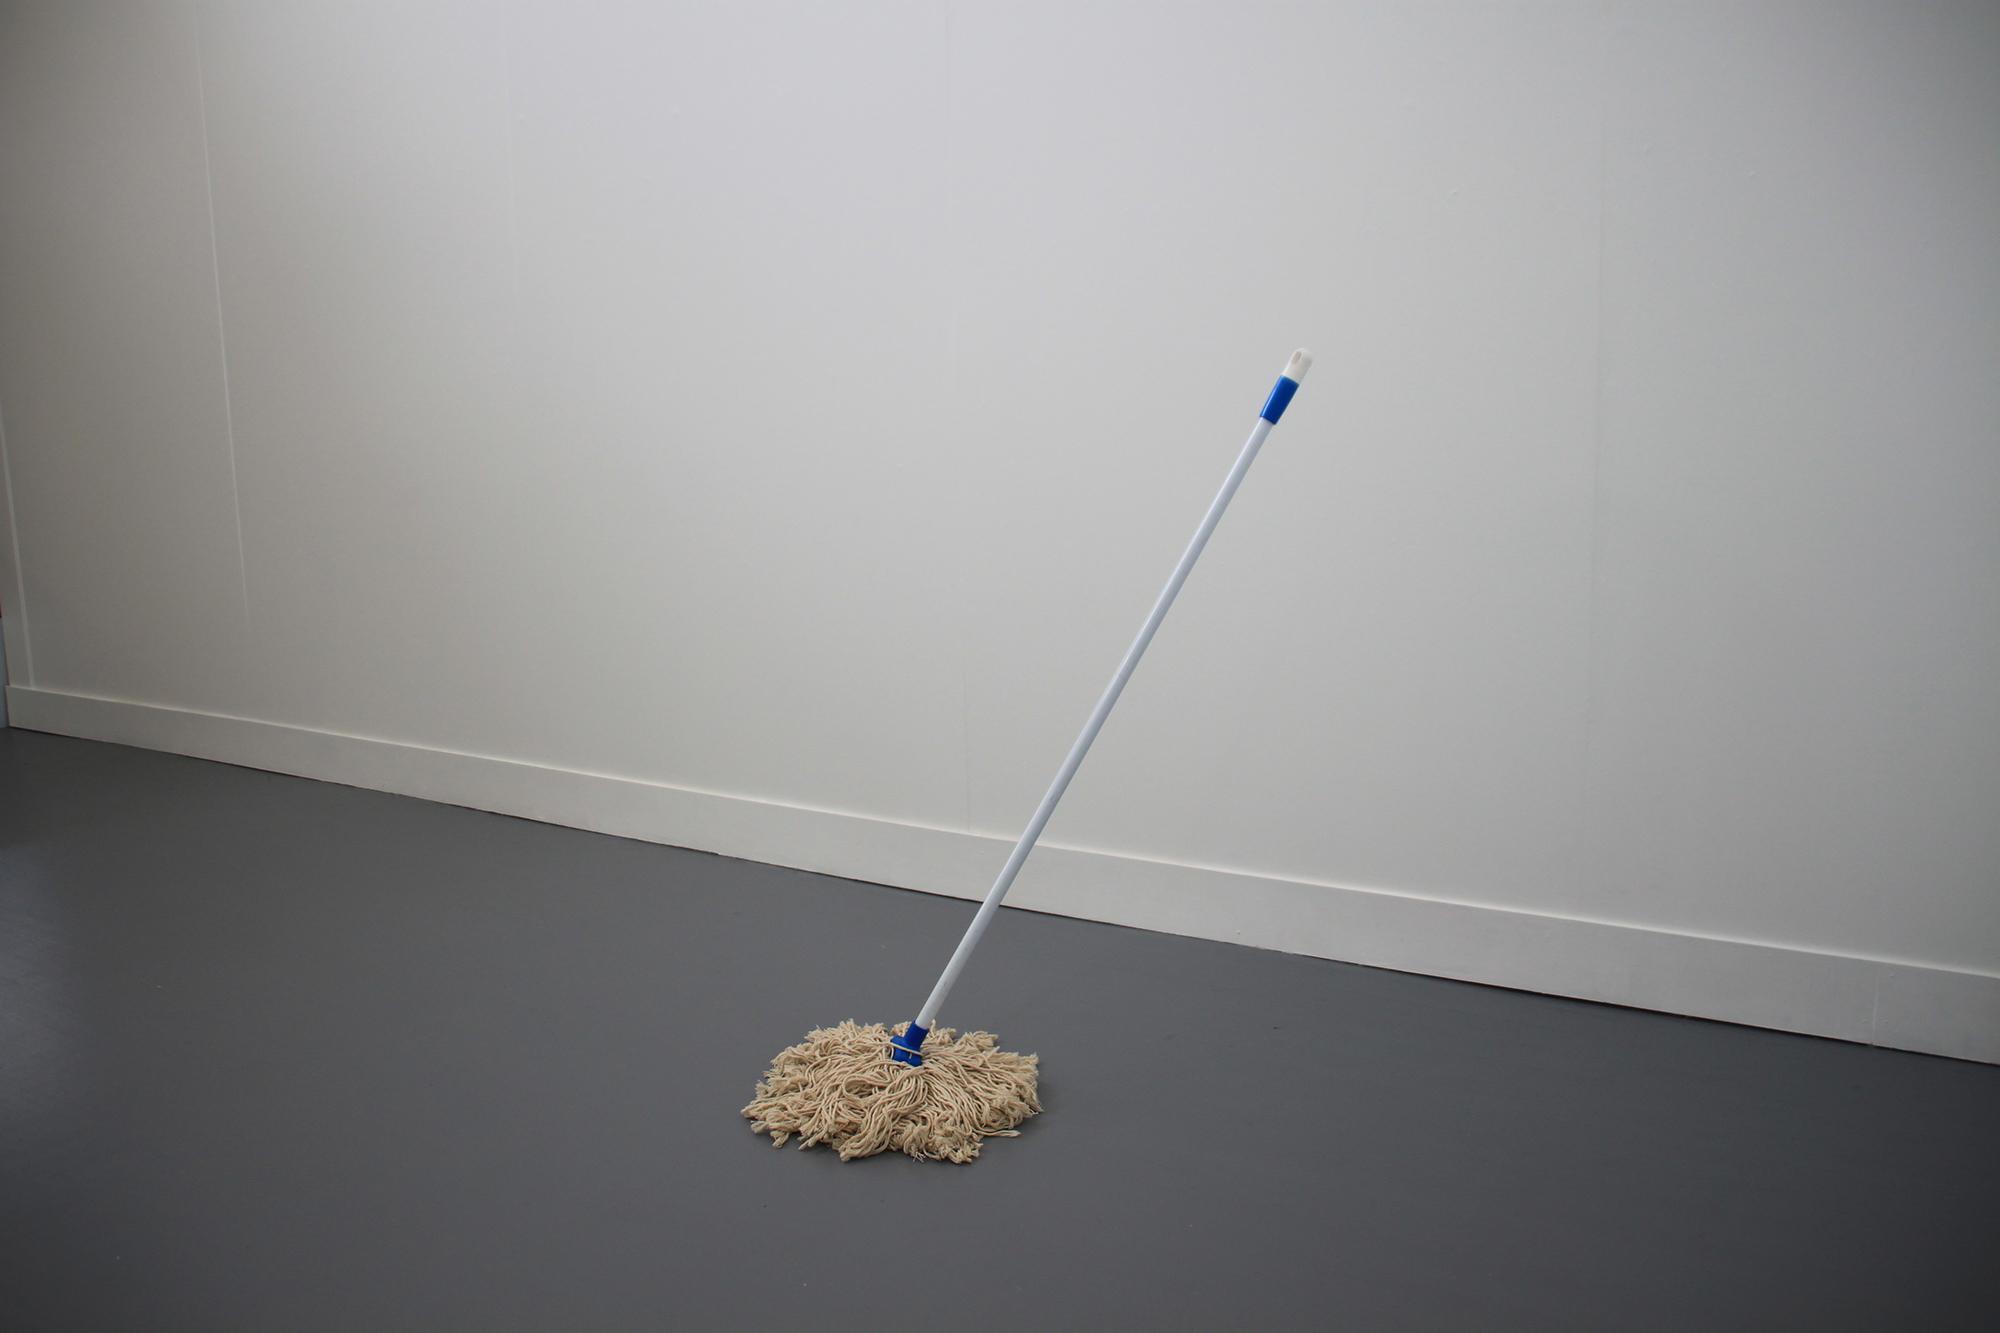 이다슬, Anti-gravitial mop, 2015, 마대, 나무, 1500mm